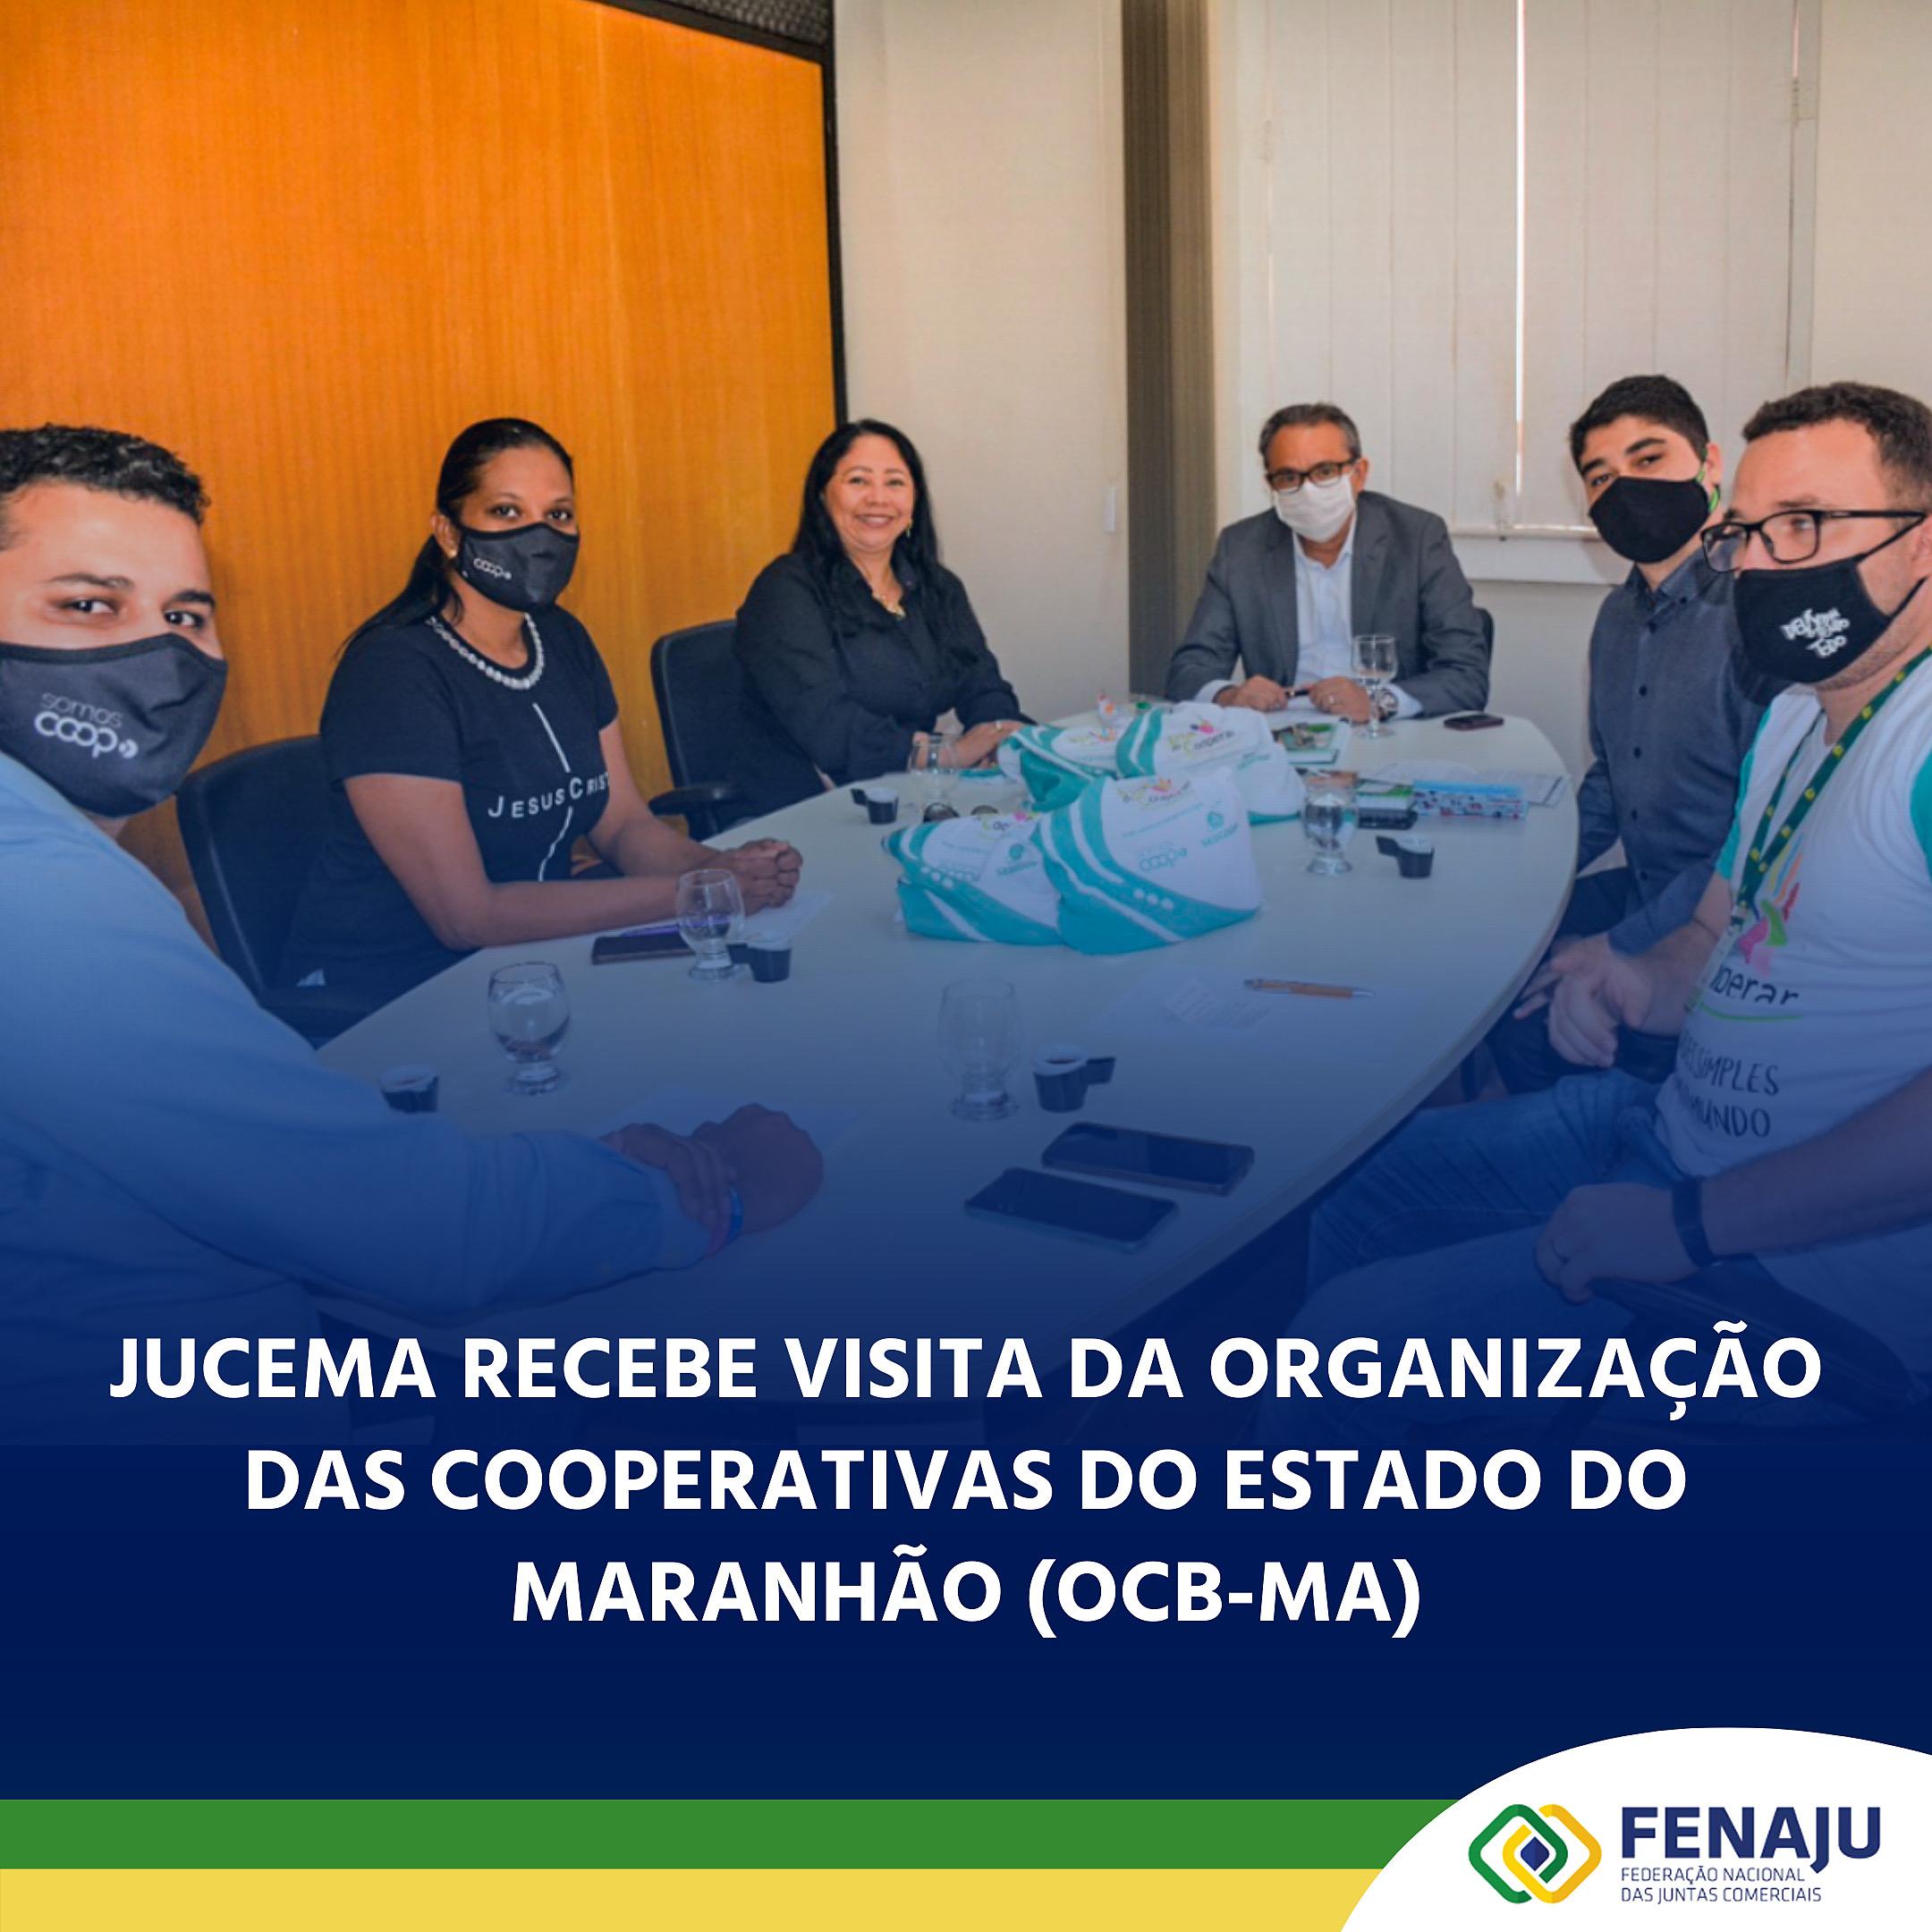 JUCEMA recebe visita da Organização das Cooperativas do Estado do Maranhão (OCB-MA)